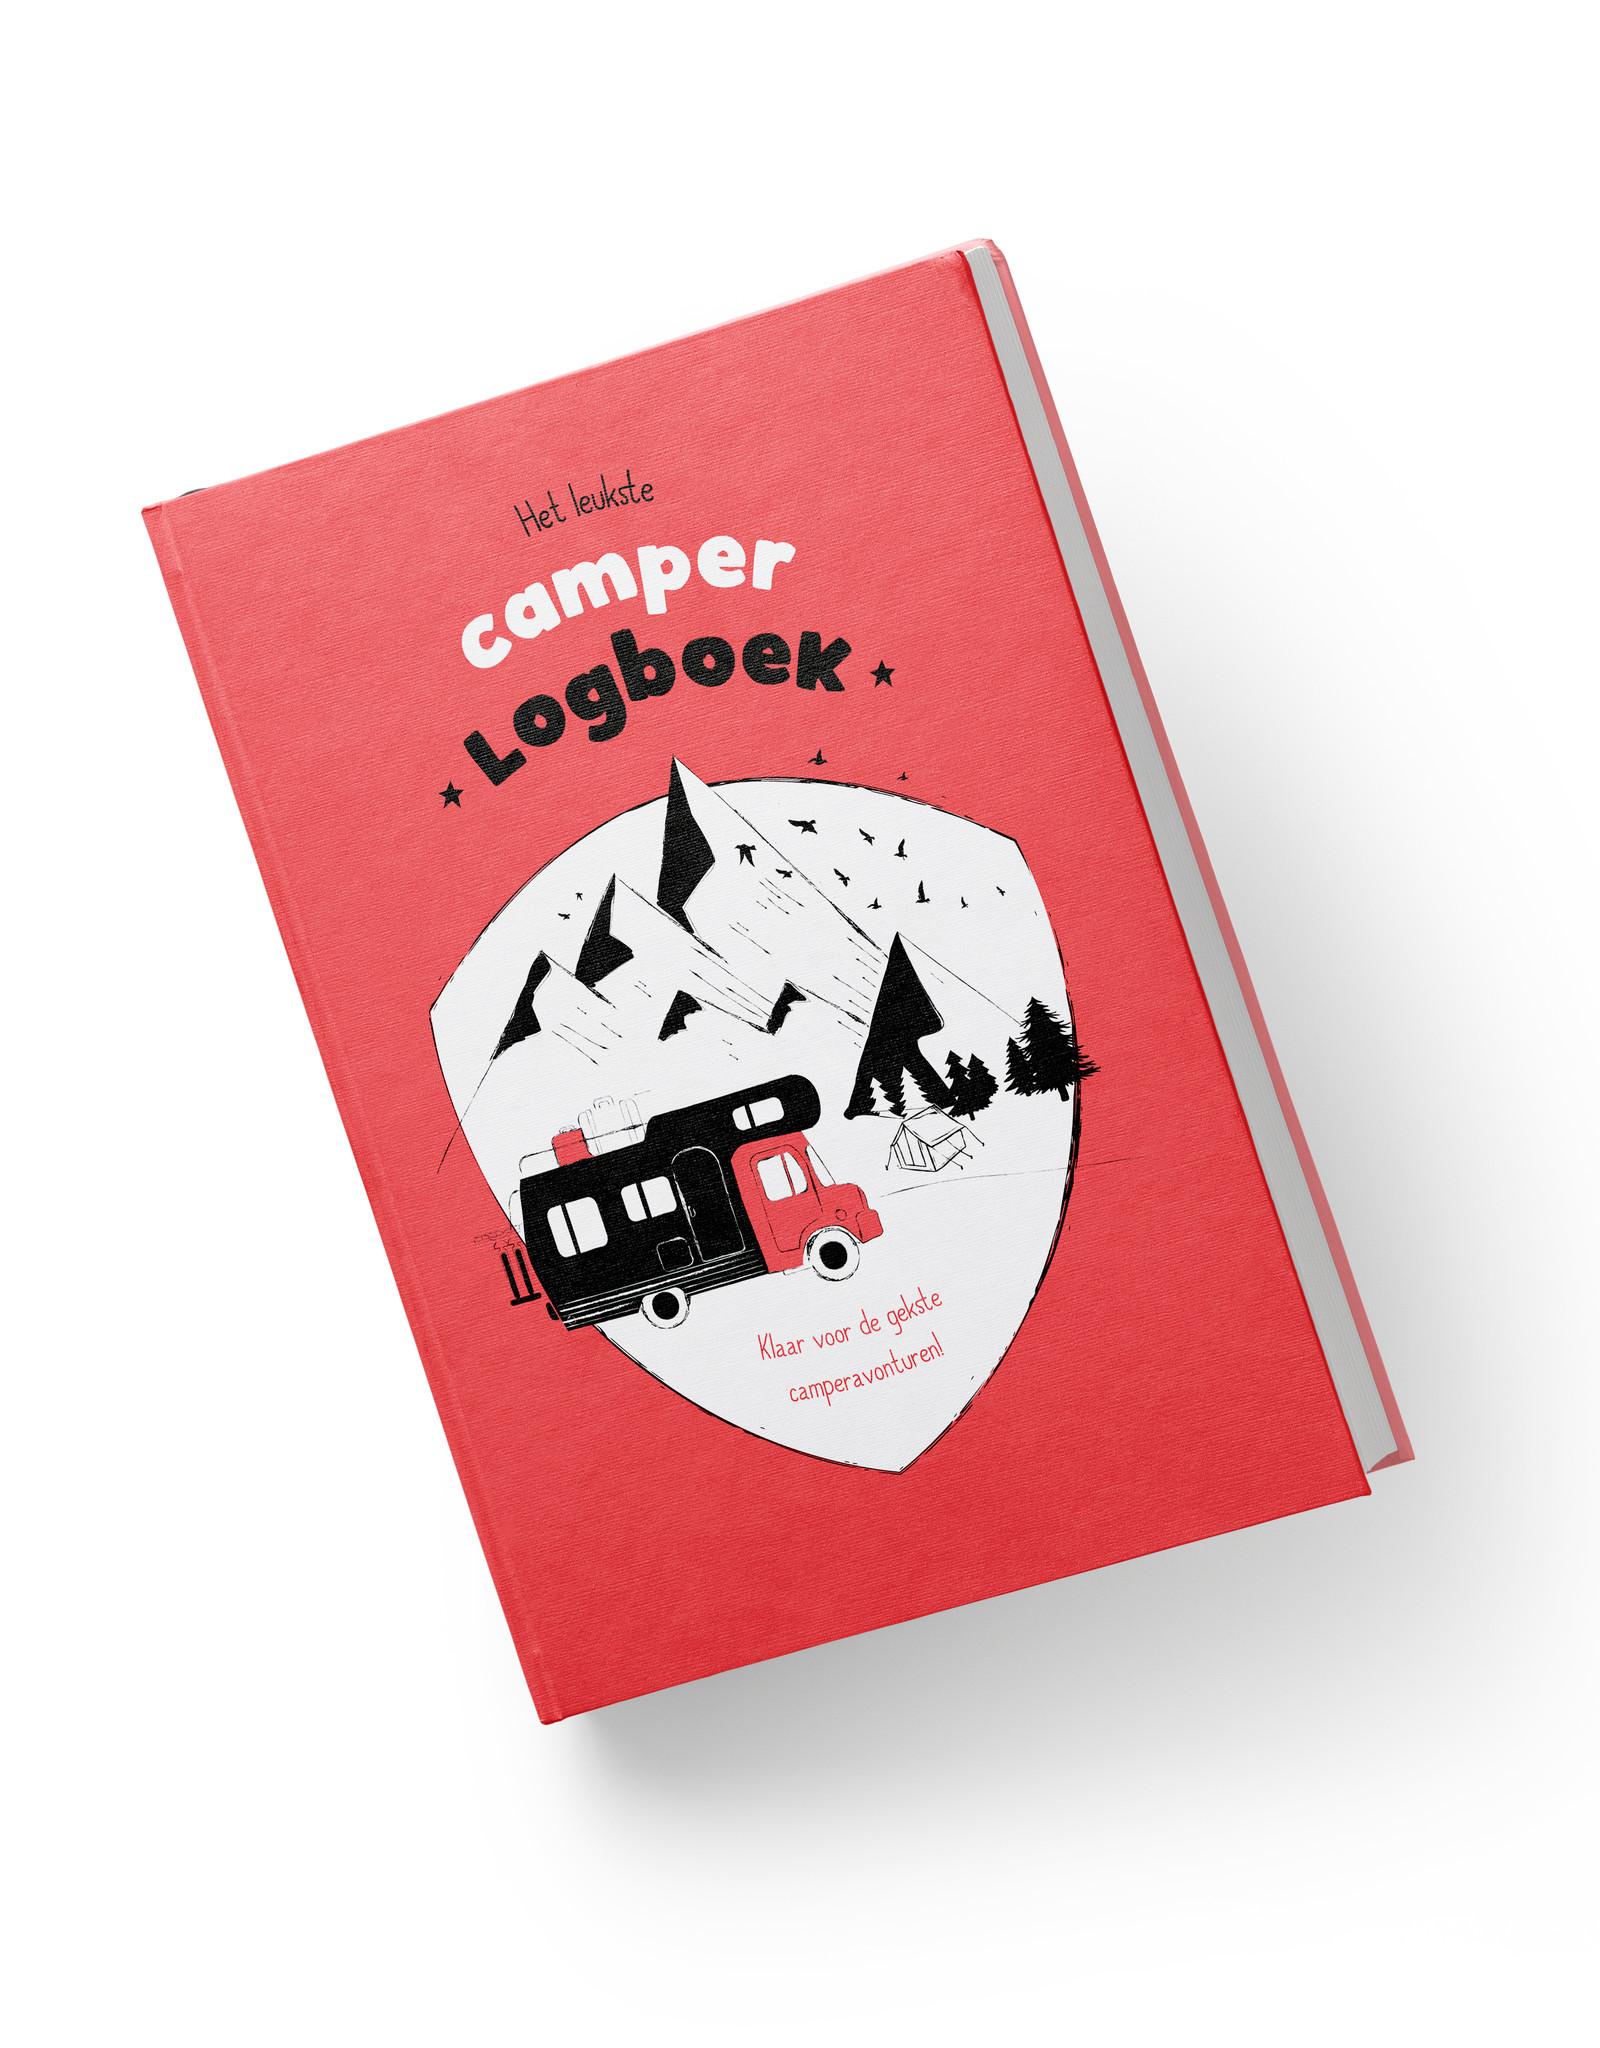 Het leukste camper logboek rood